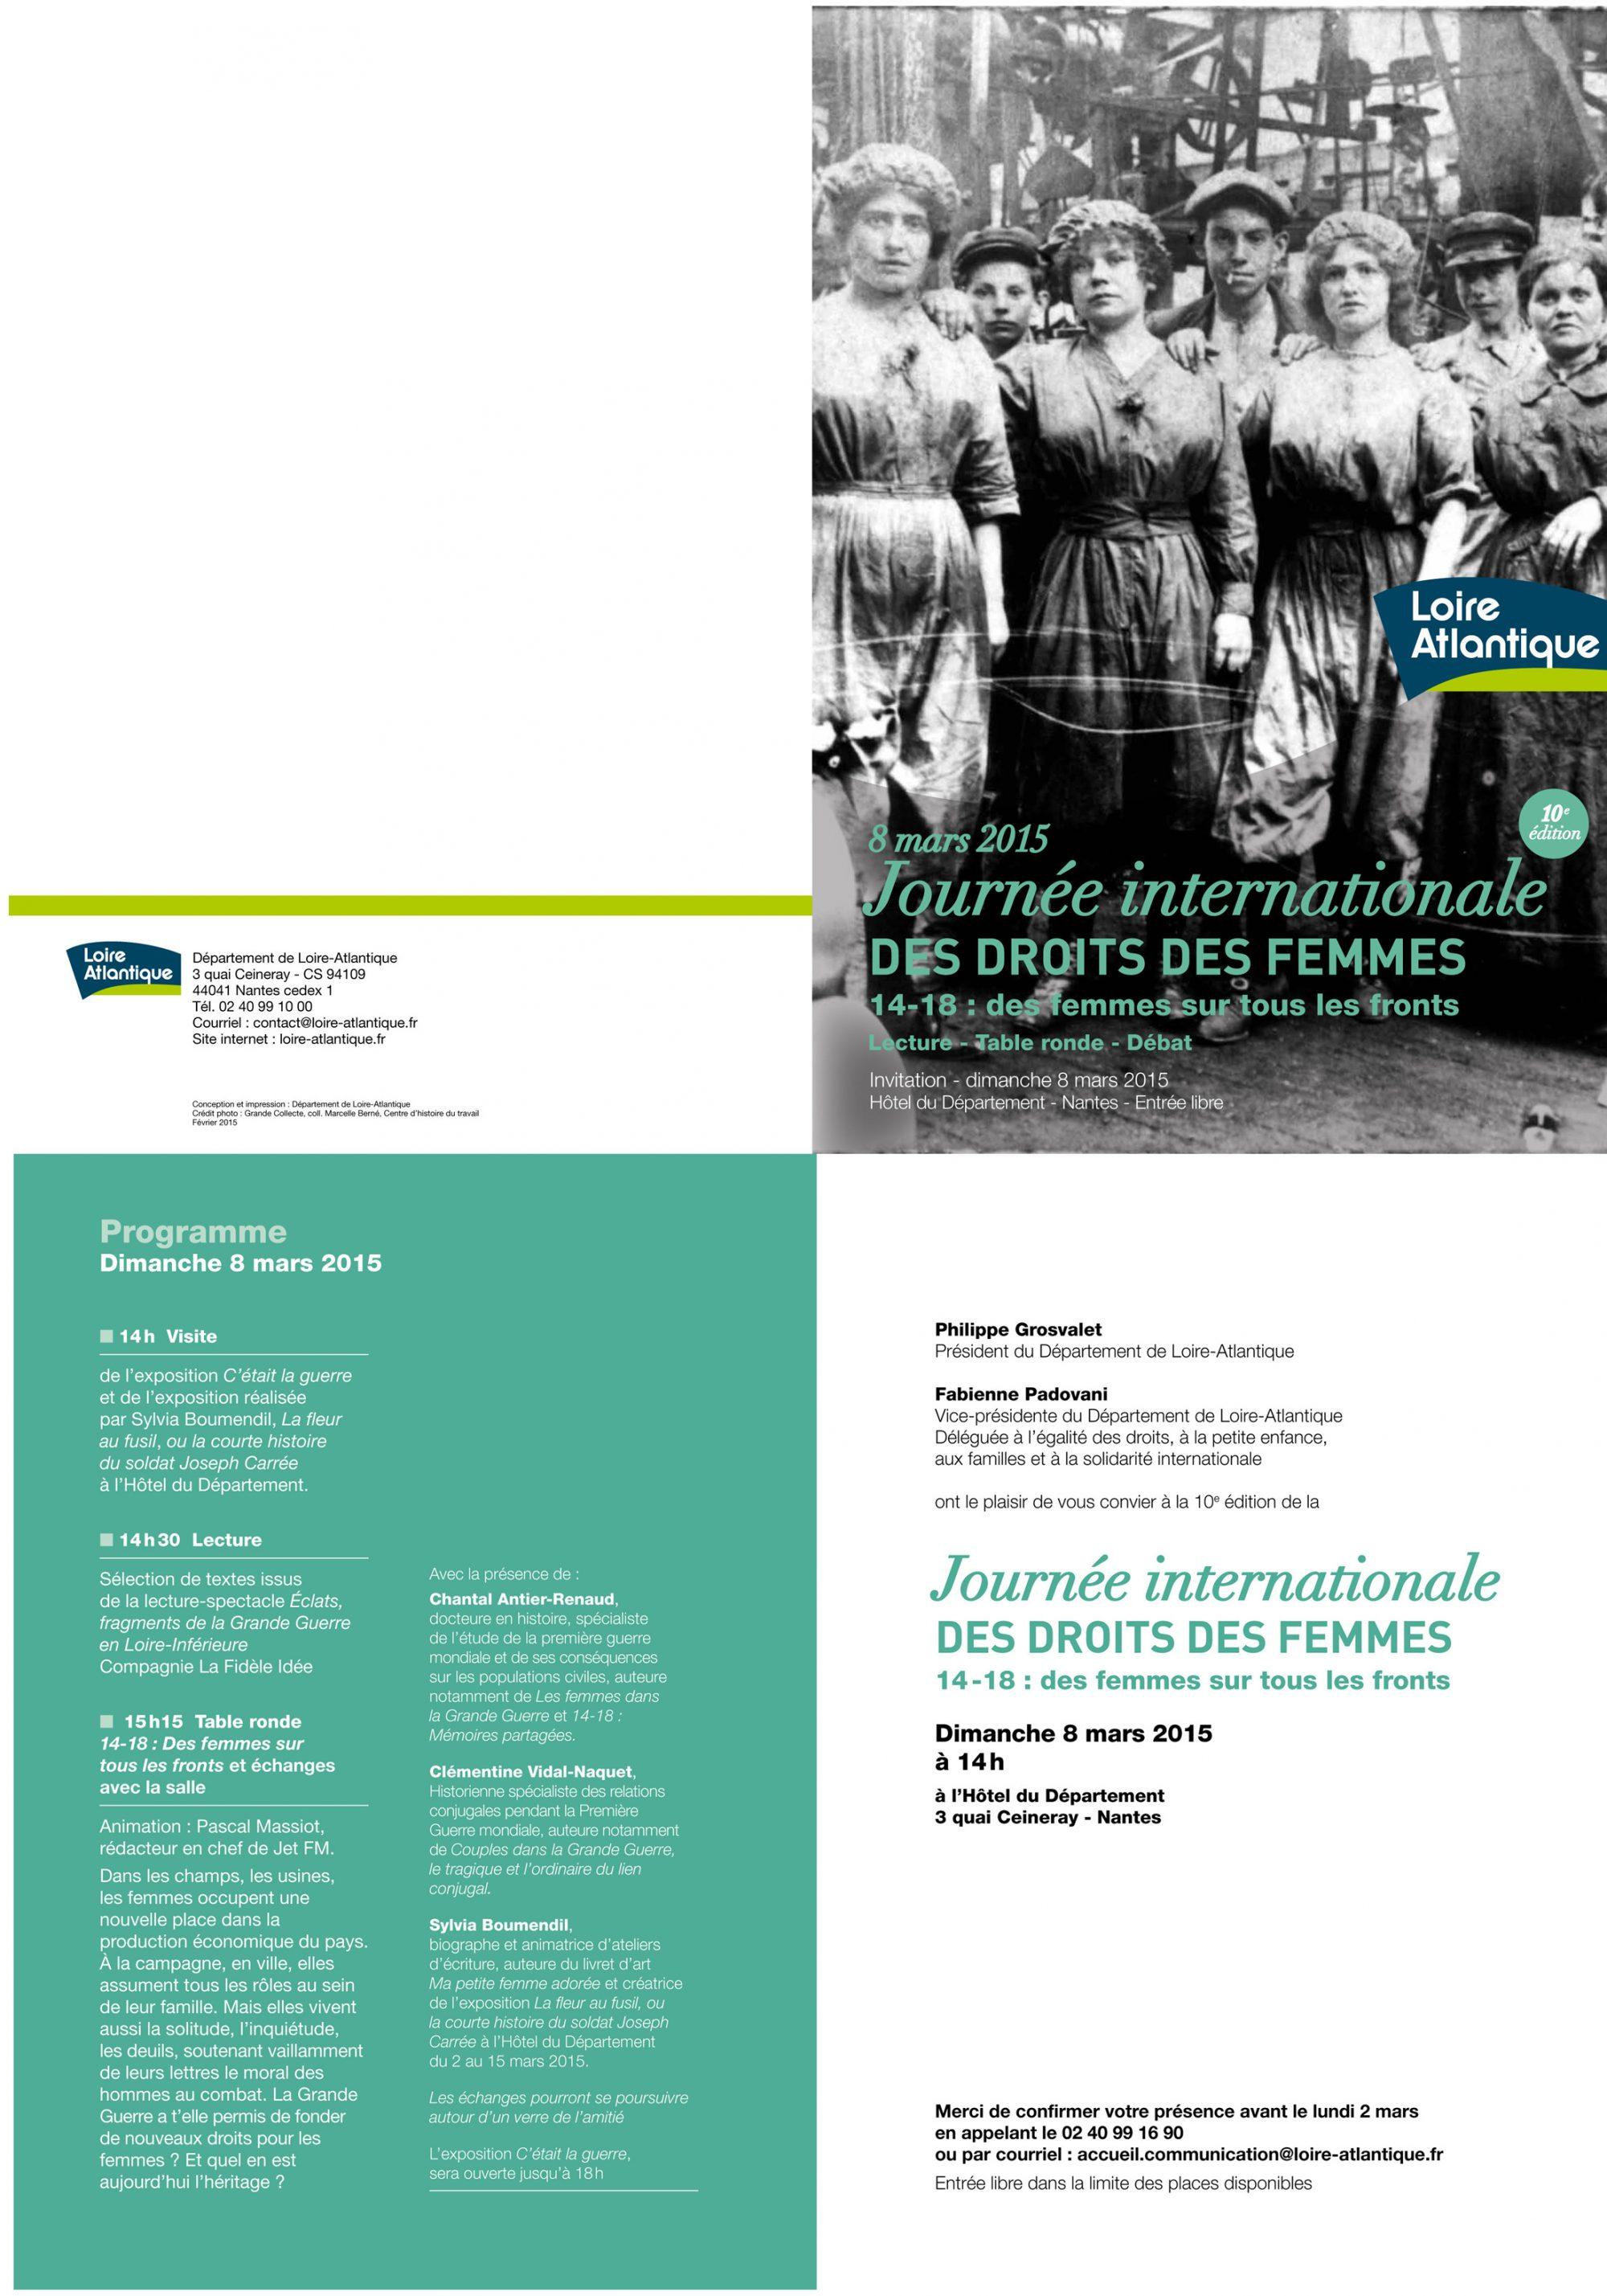 LA FLEUR AU FUSIL - Participation à la table ronde sur les femmes pendant la grande guerre - 8 mai 2015